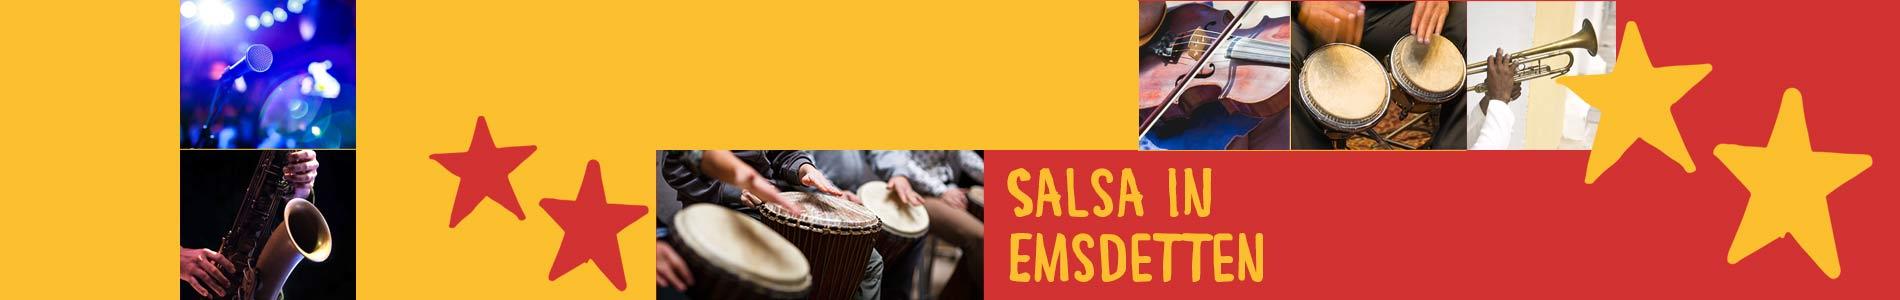 Salsa in Emsdetten – Salsa lernen und tanzen, Tanzkurse, Partys, Veranstaltungen